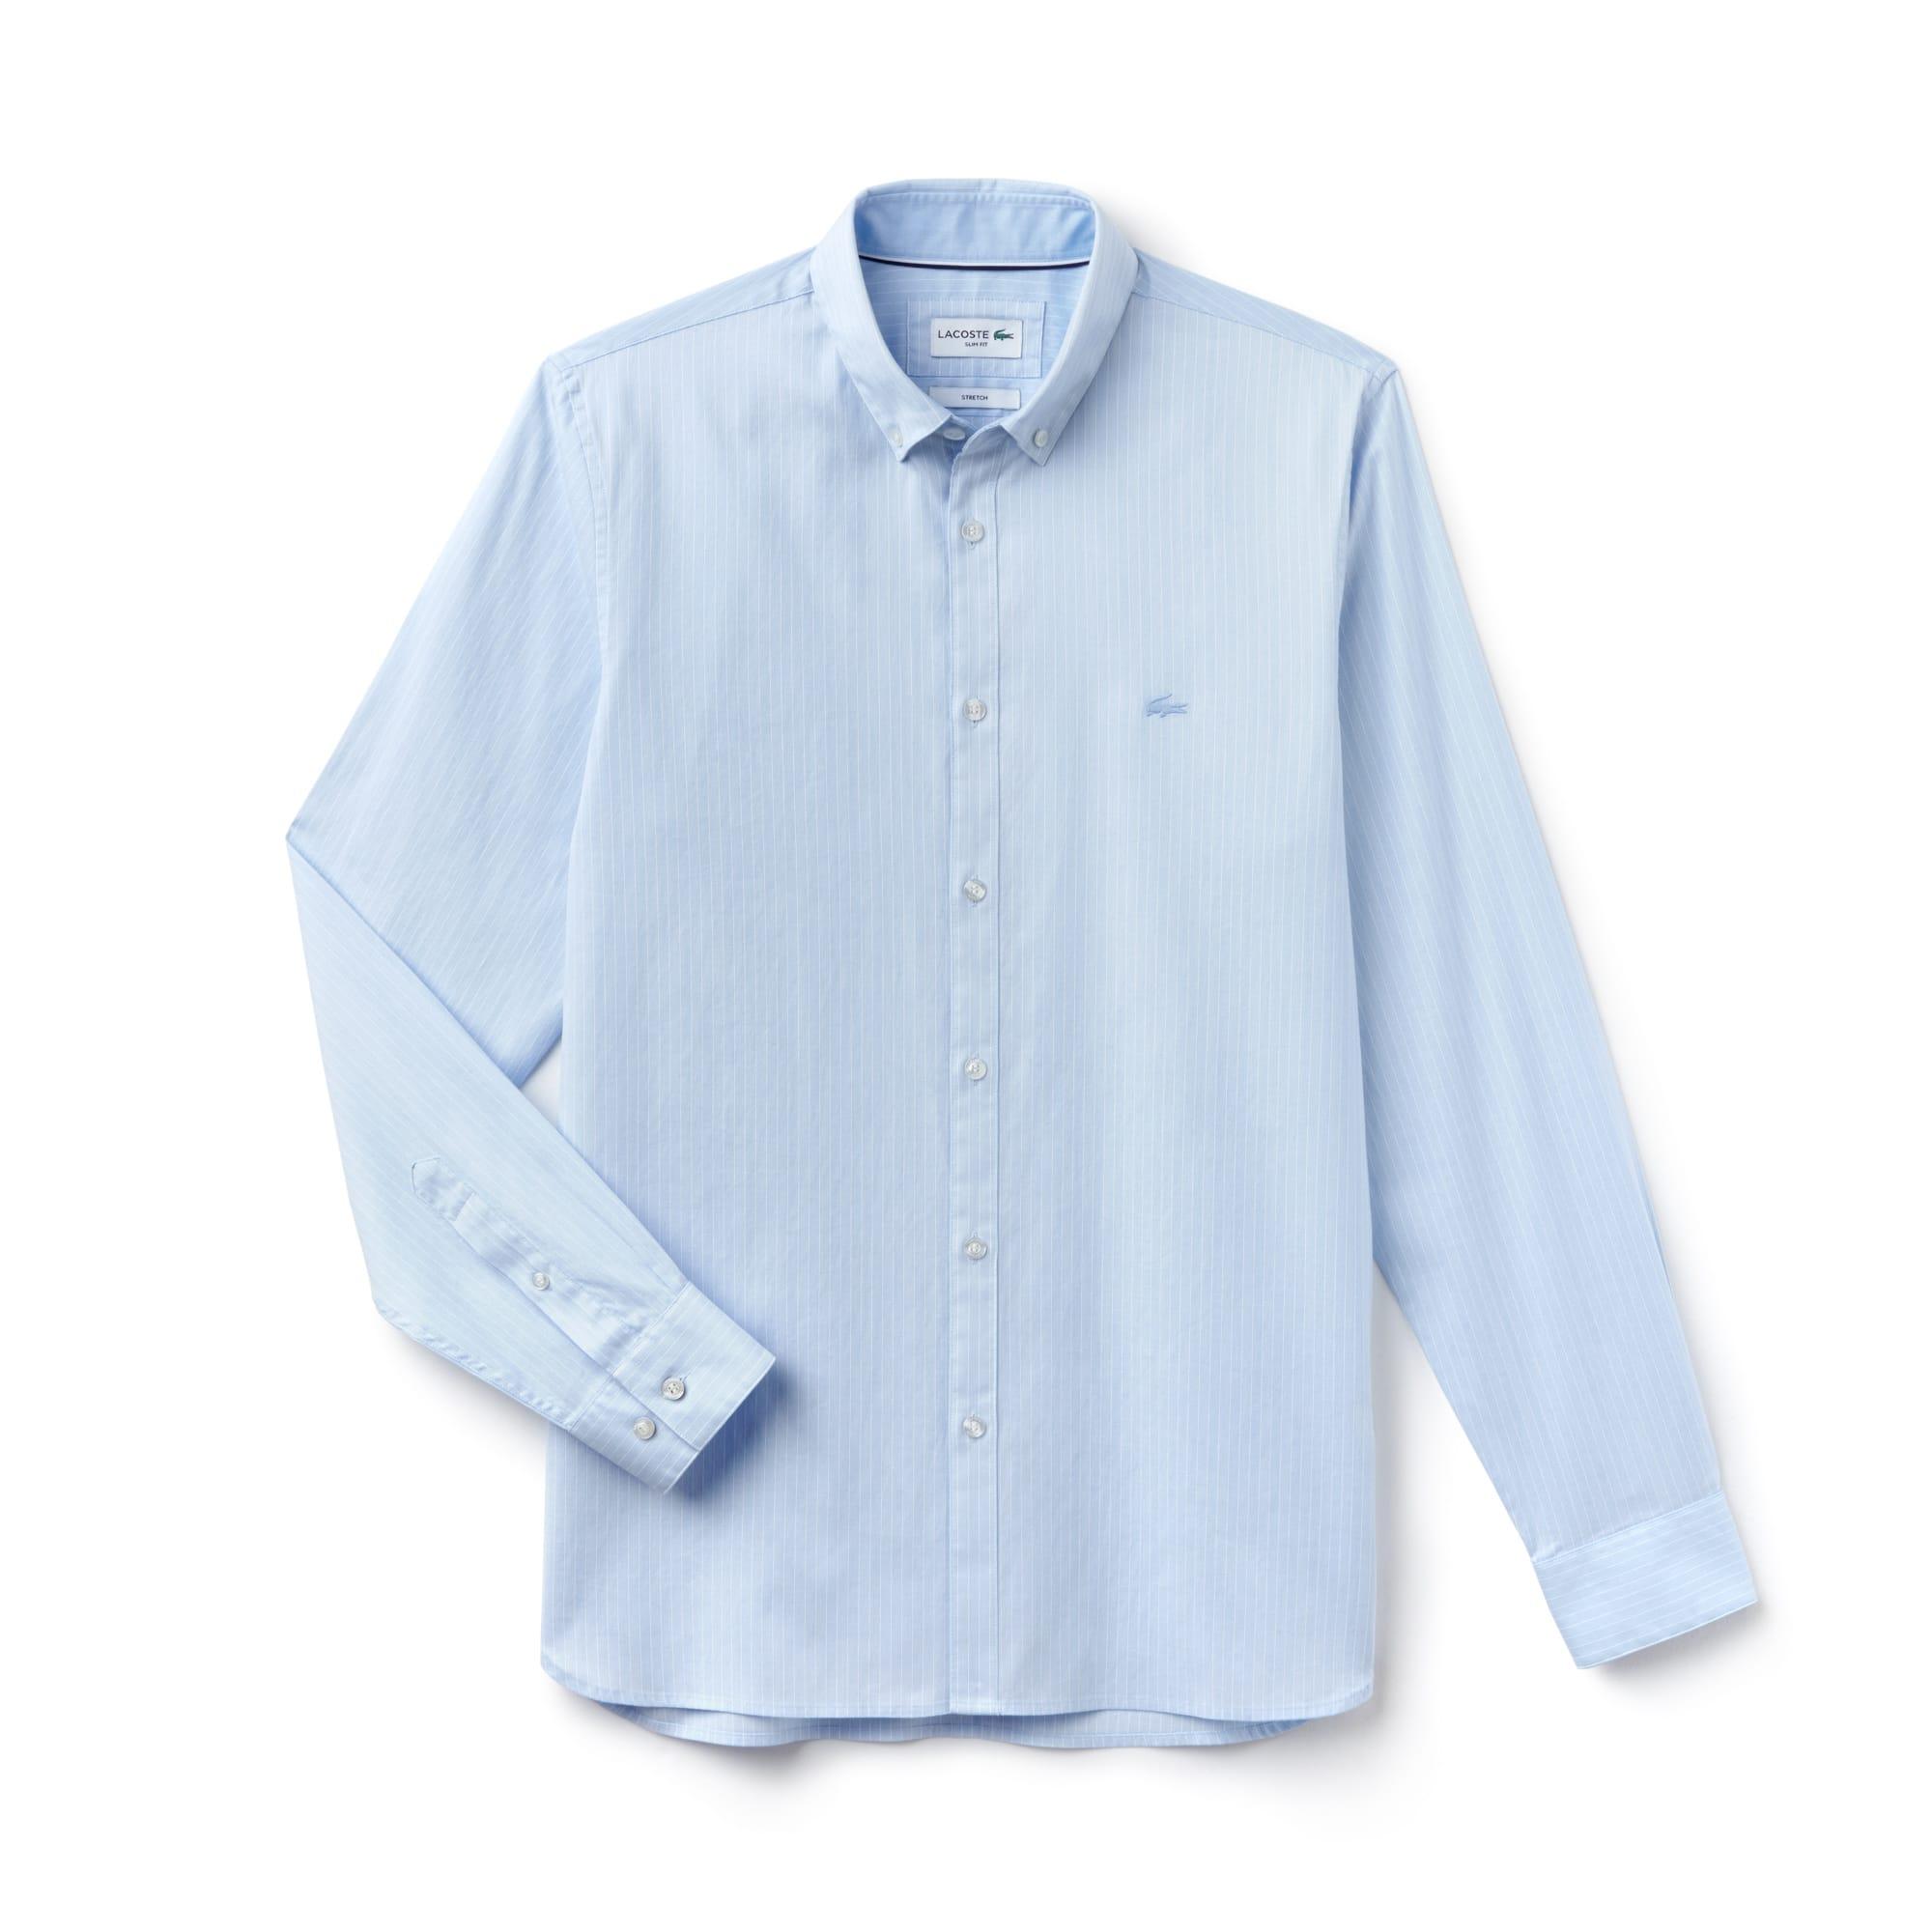 قميص رجالي مقلم سترتش مصنوع من قطن بينبوينت